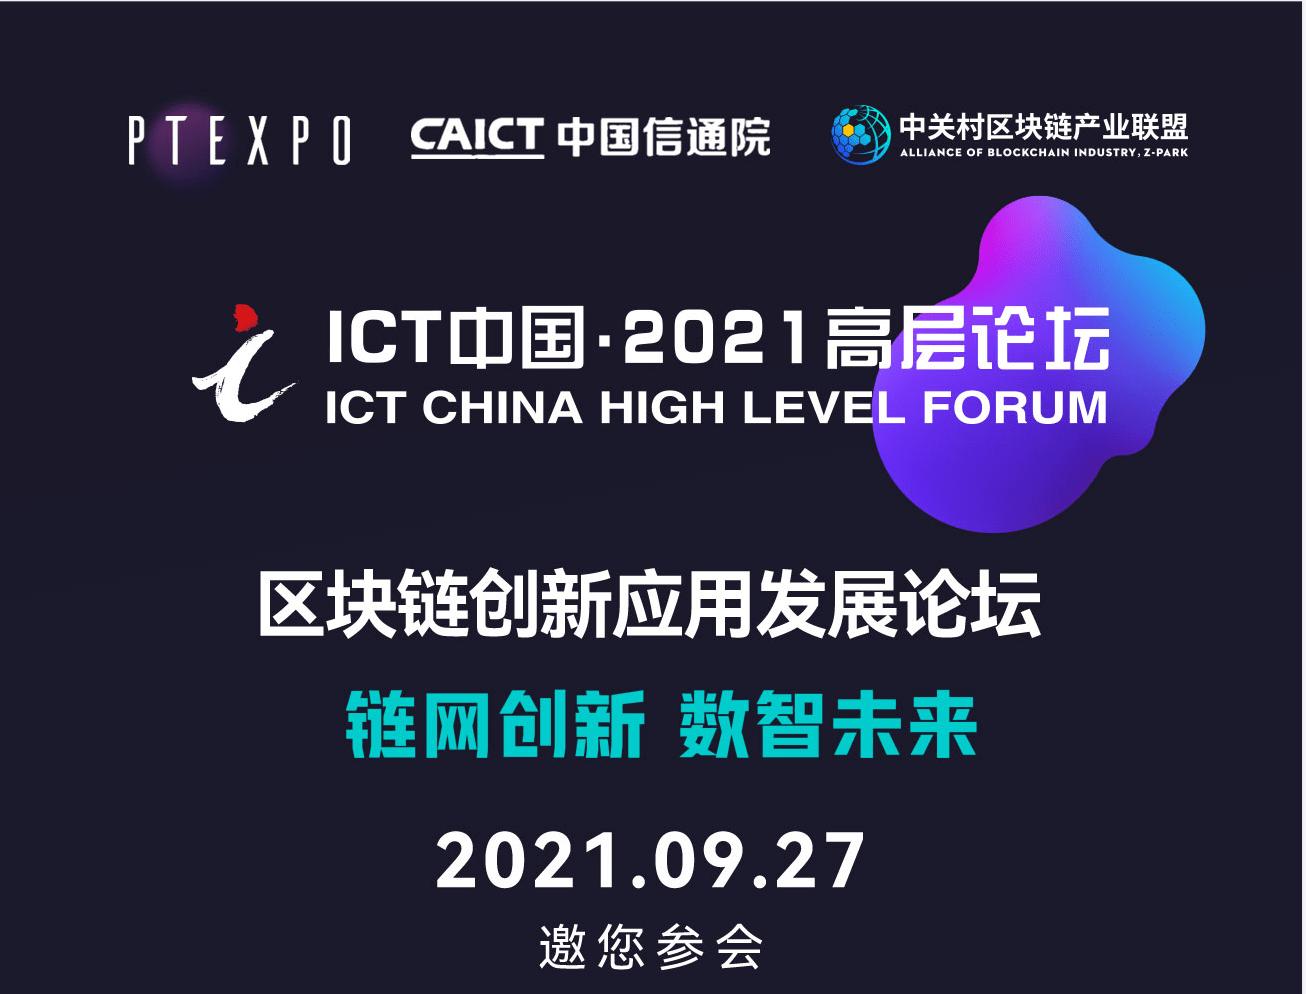 最新议程!ICT我国·2021高层论坛—ABI区块链创新应用发展论坛9月27日即将开幕